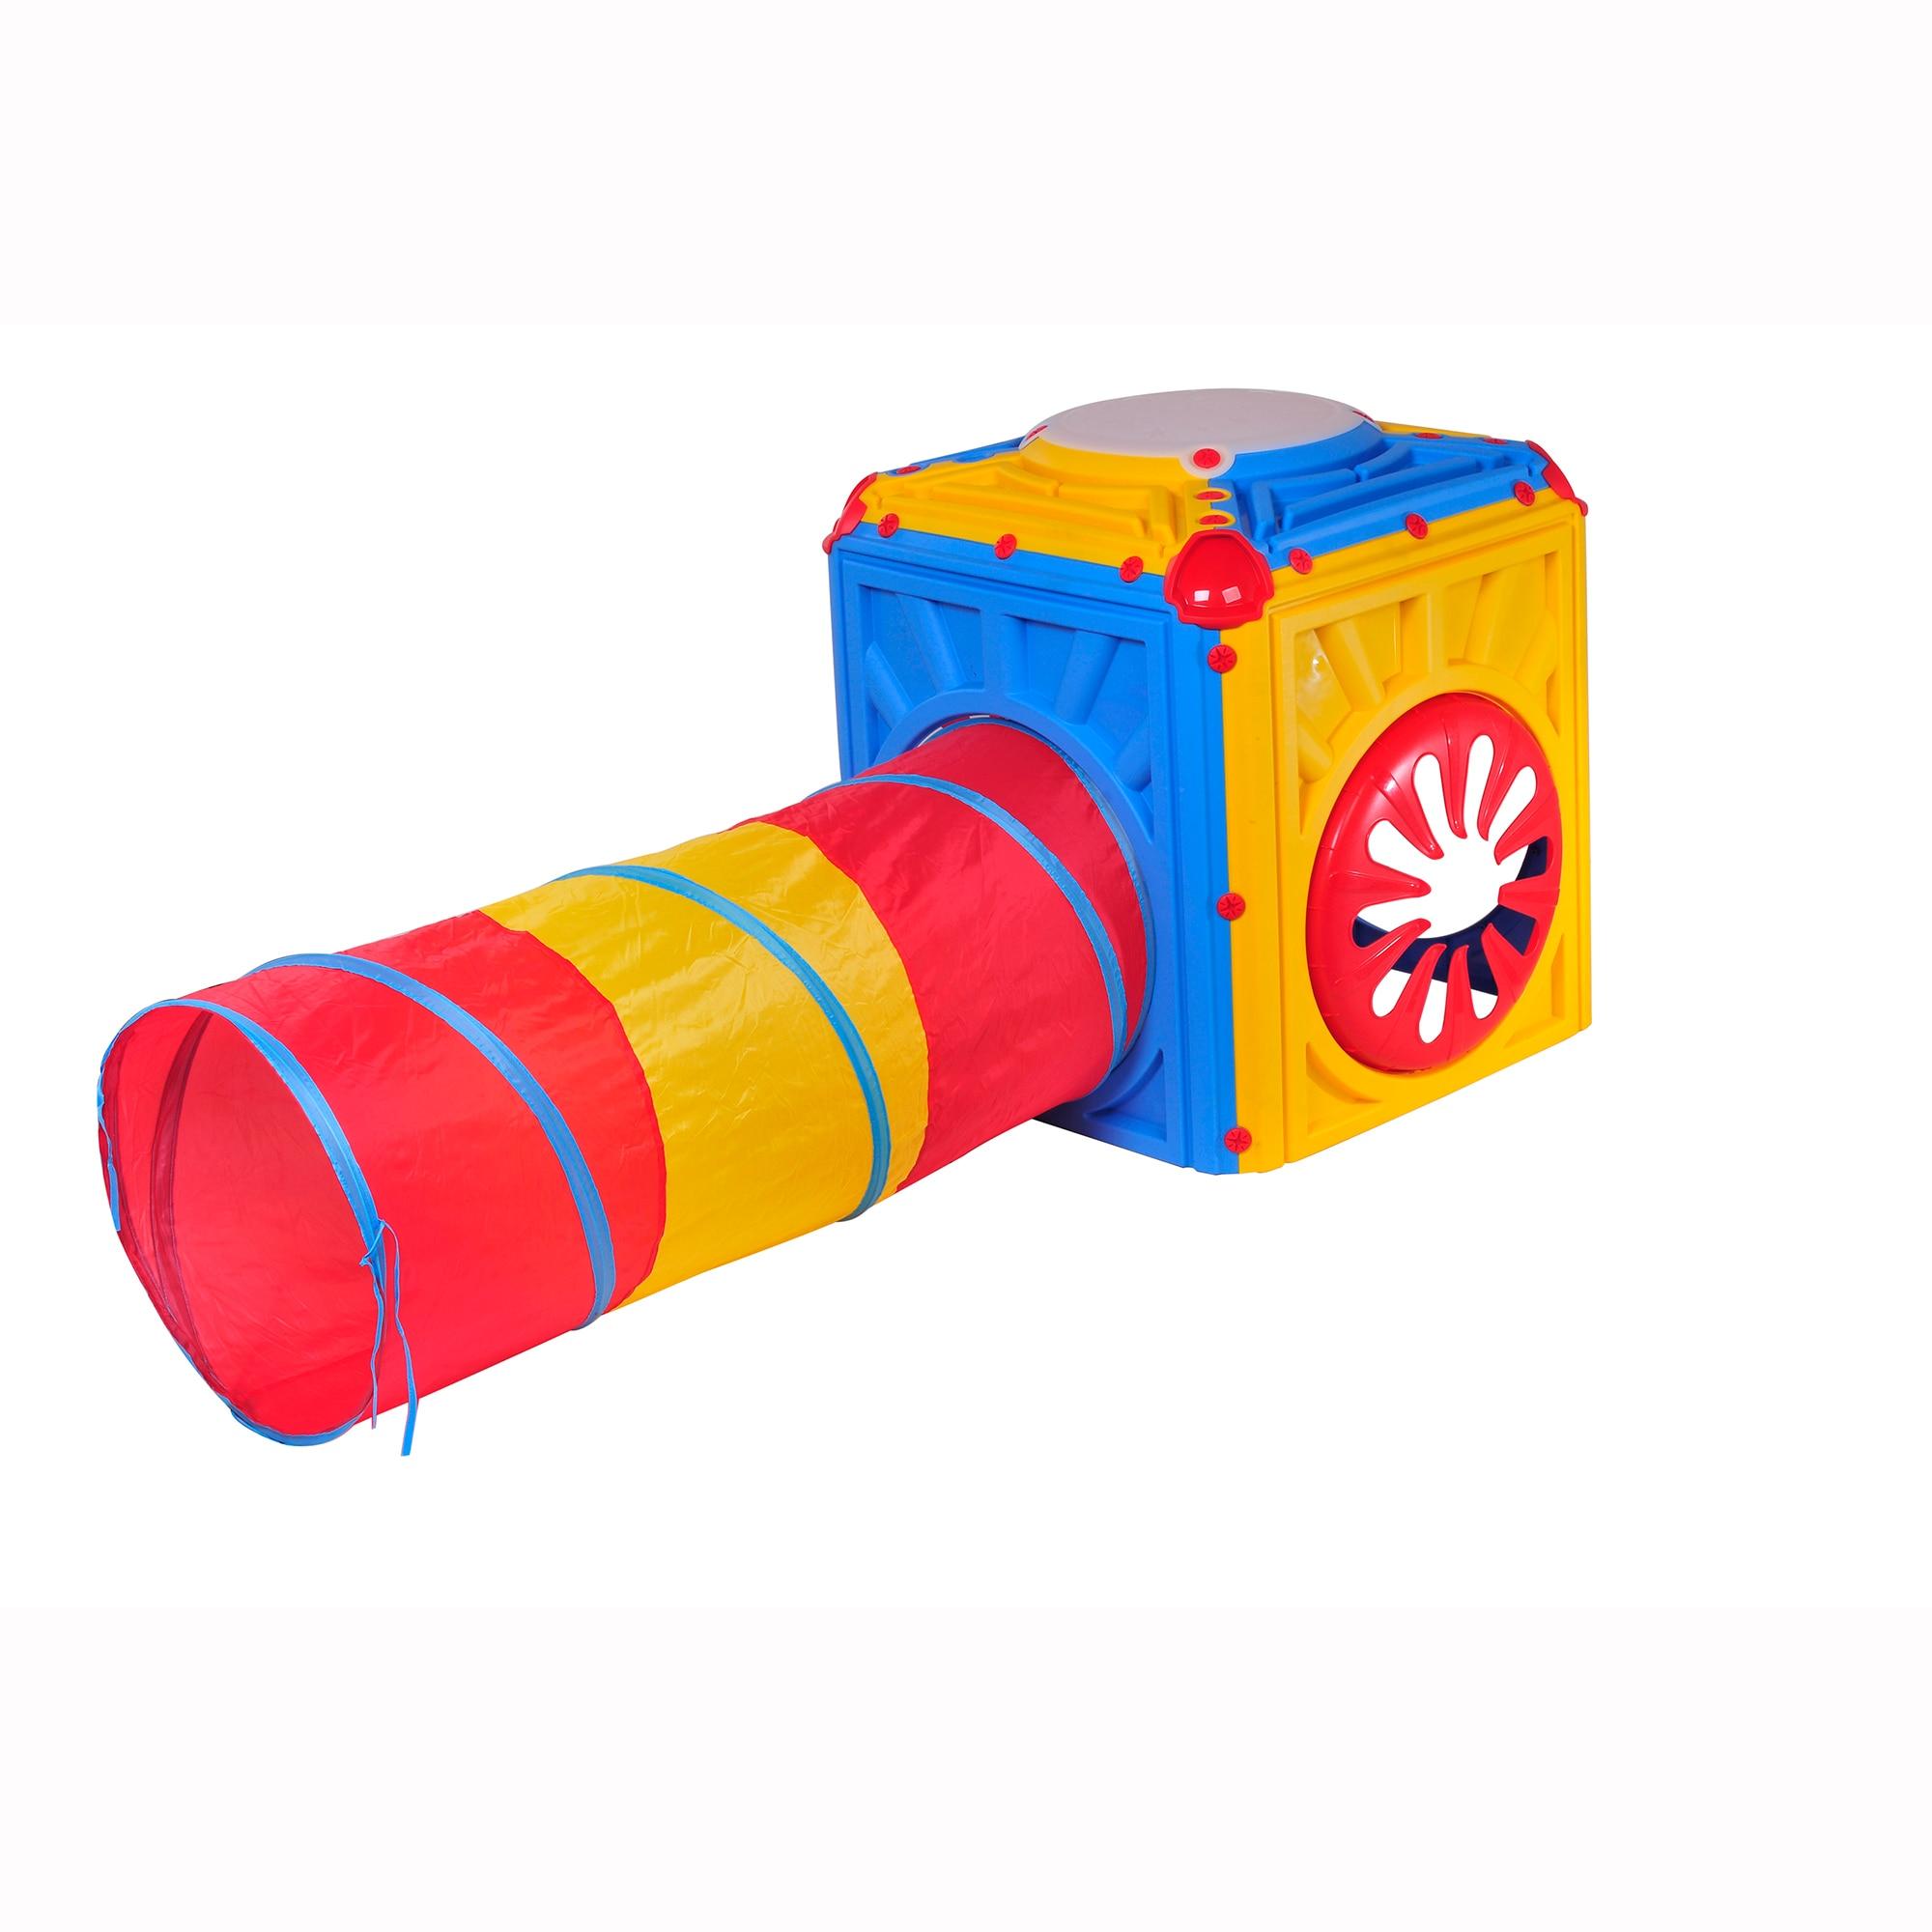 Fotografie Spatiu de joaca M-Toys Cubul cu activitati